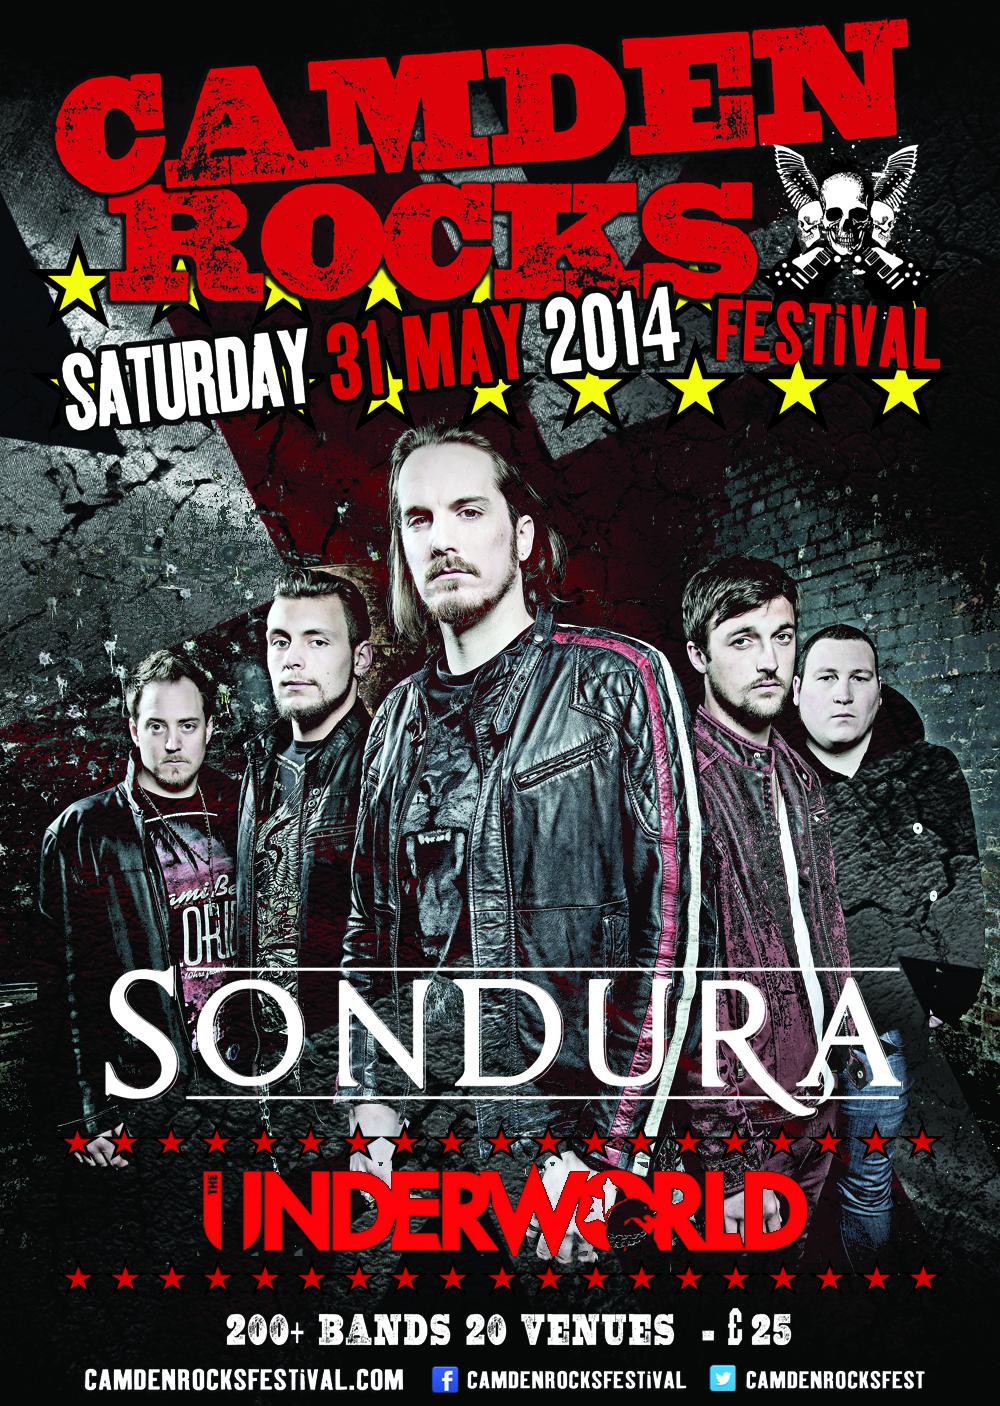 Sondura Camden Rocks